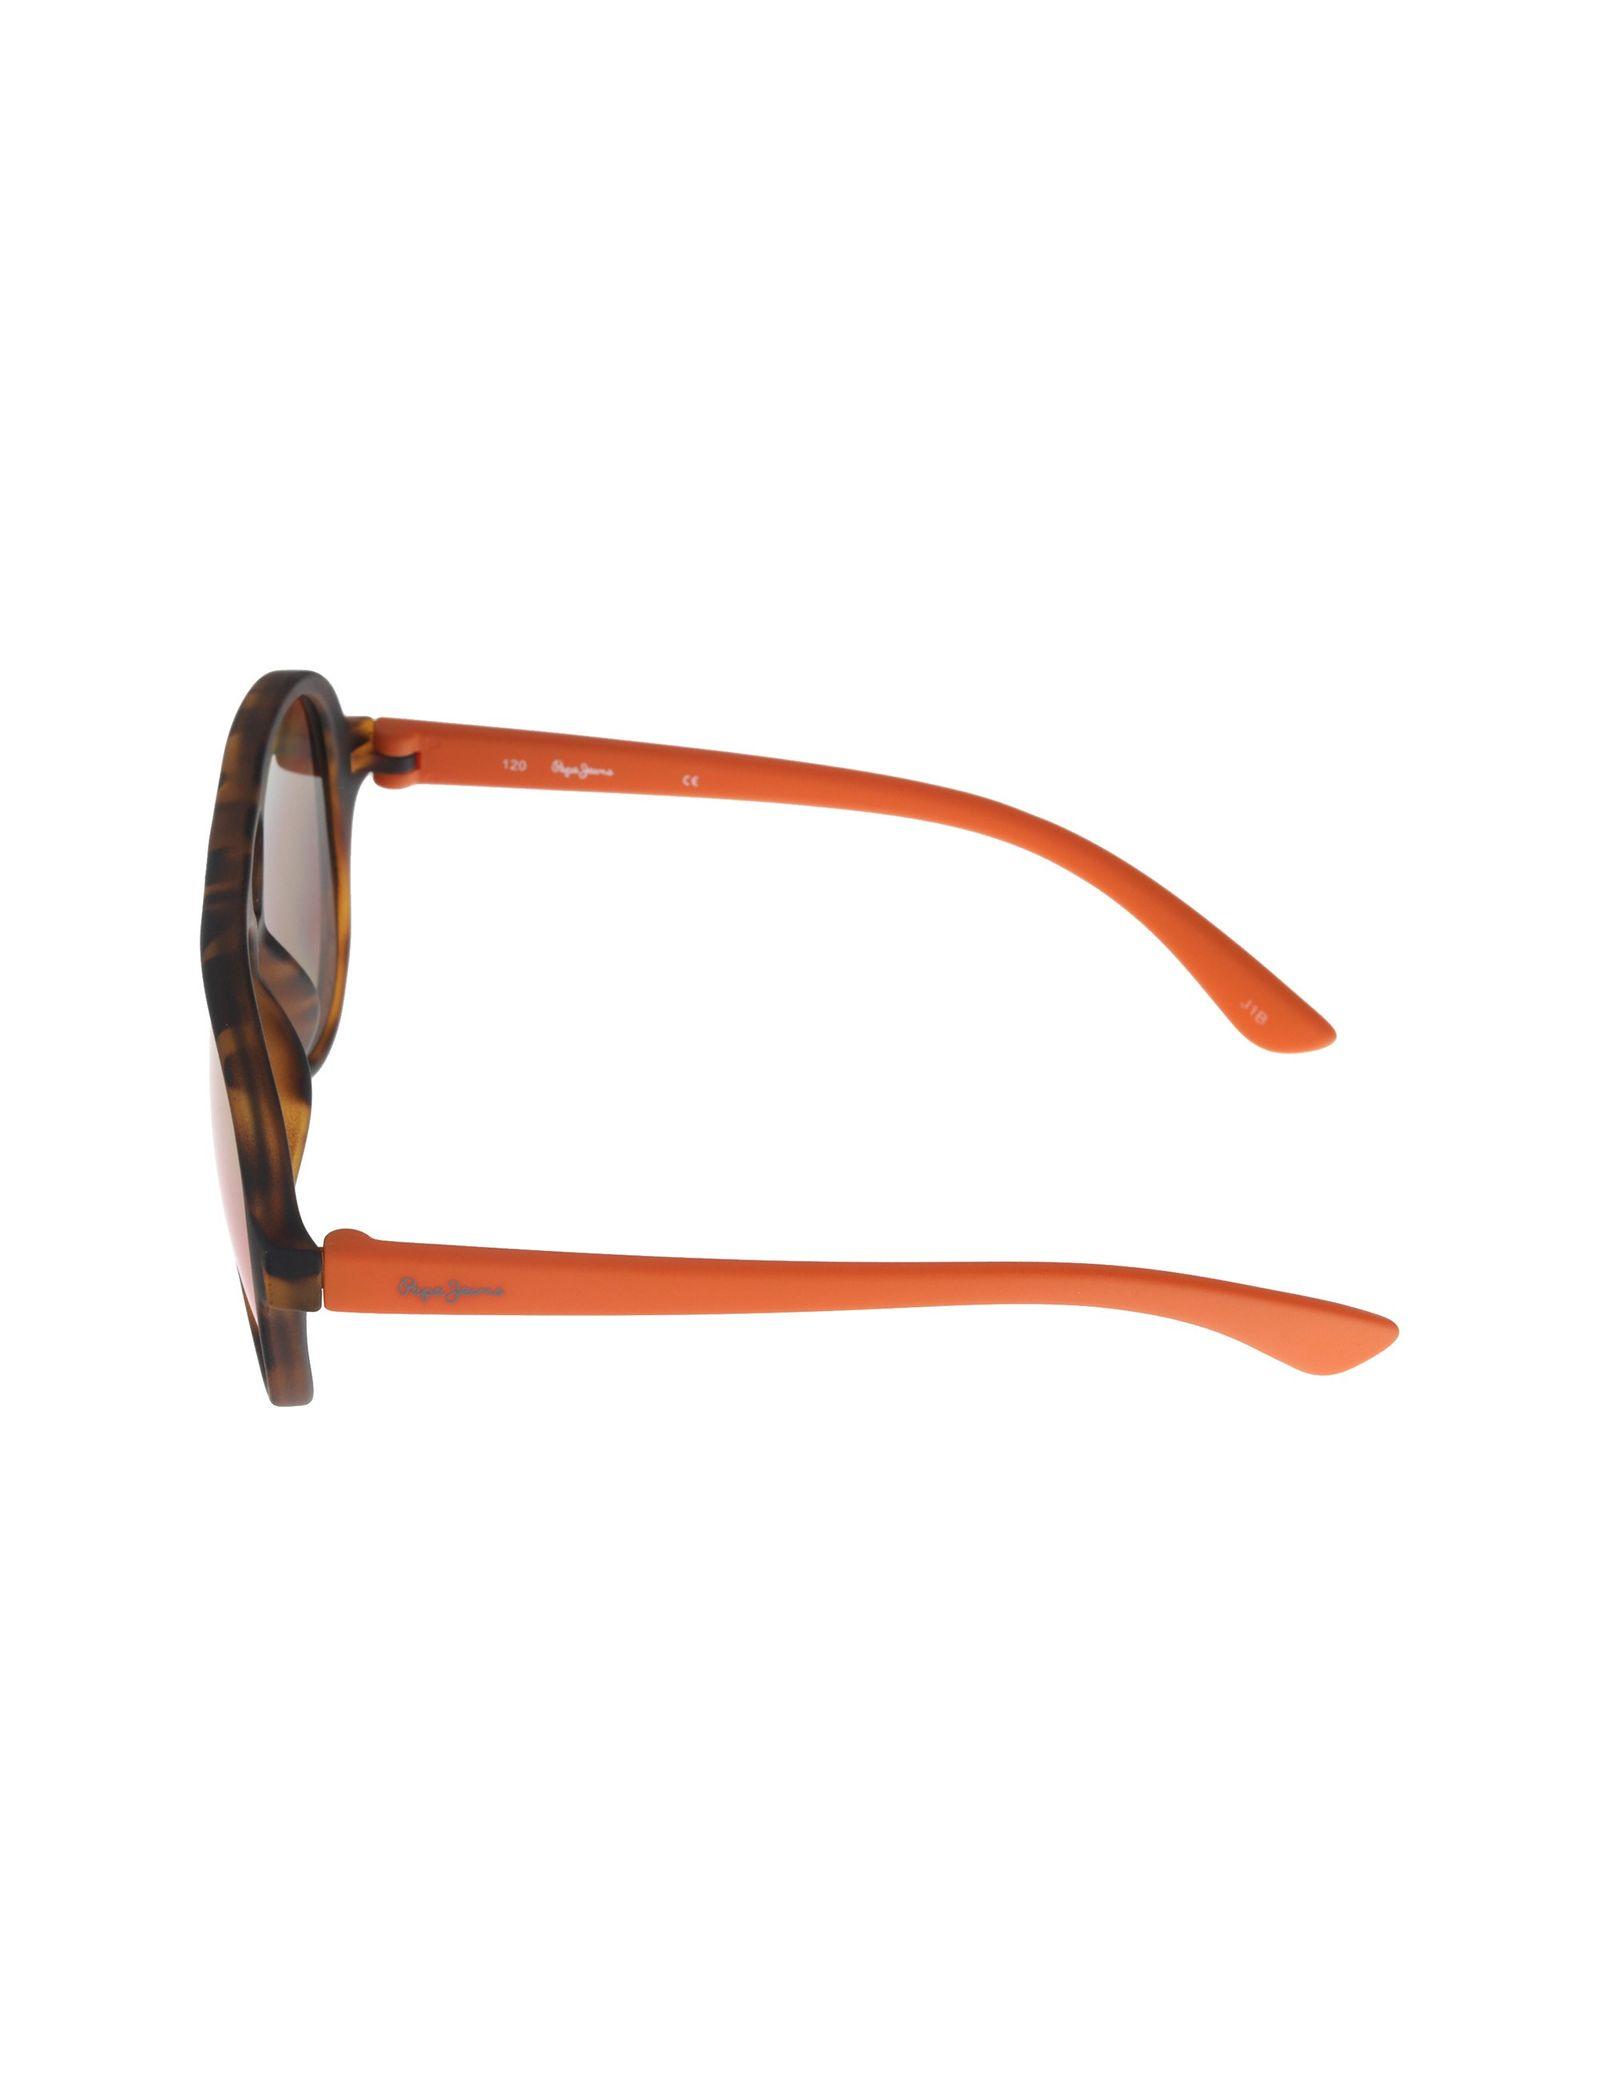 عینک آفتابی خلبانی بچگانه - پپه جینز - قهوه اي و نارنجي - 3